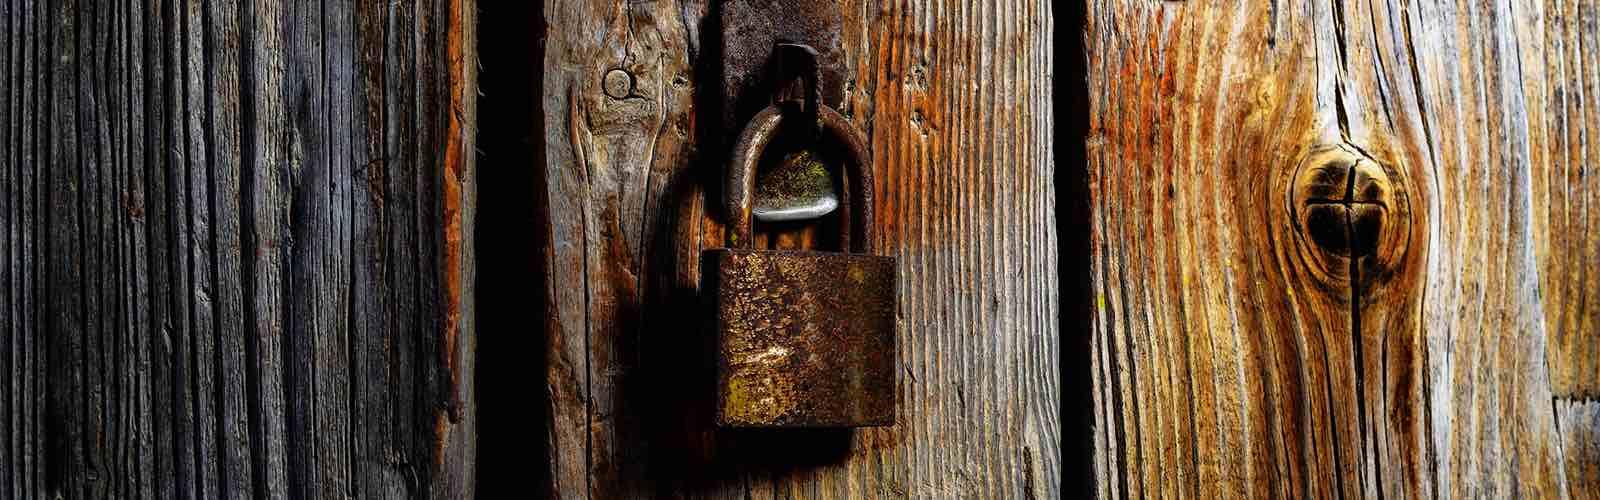 Wooden door with padlock